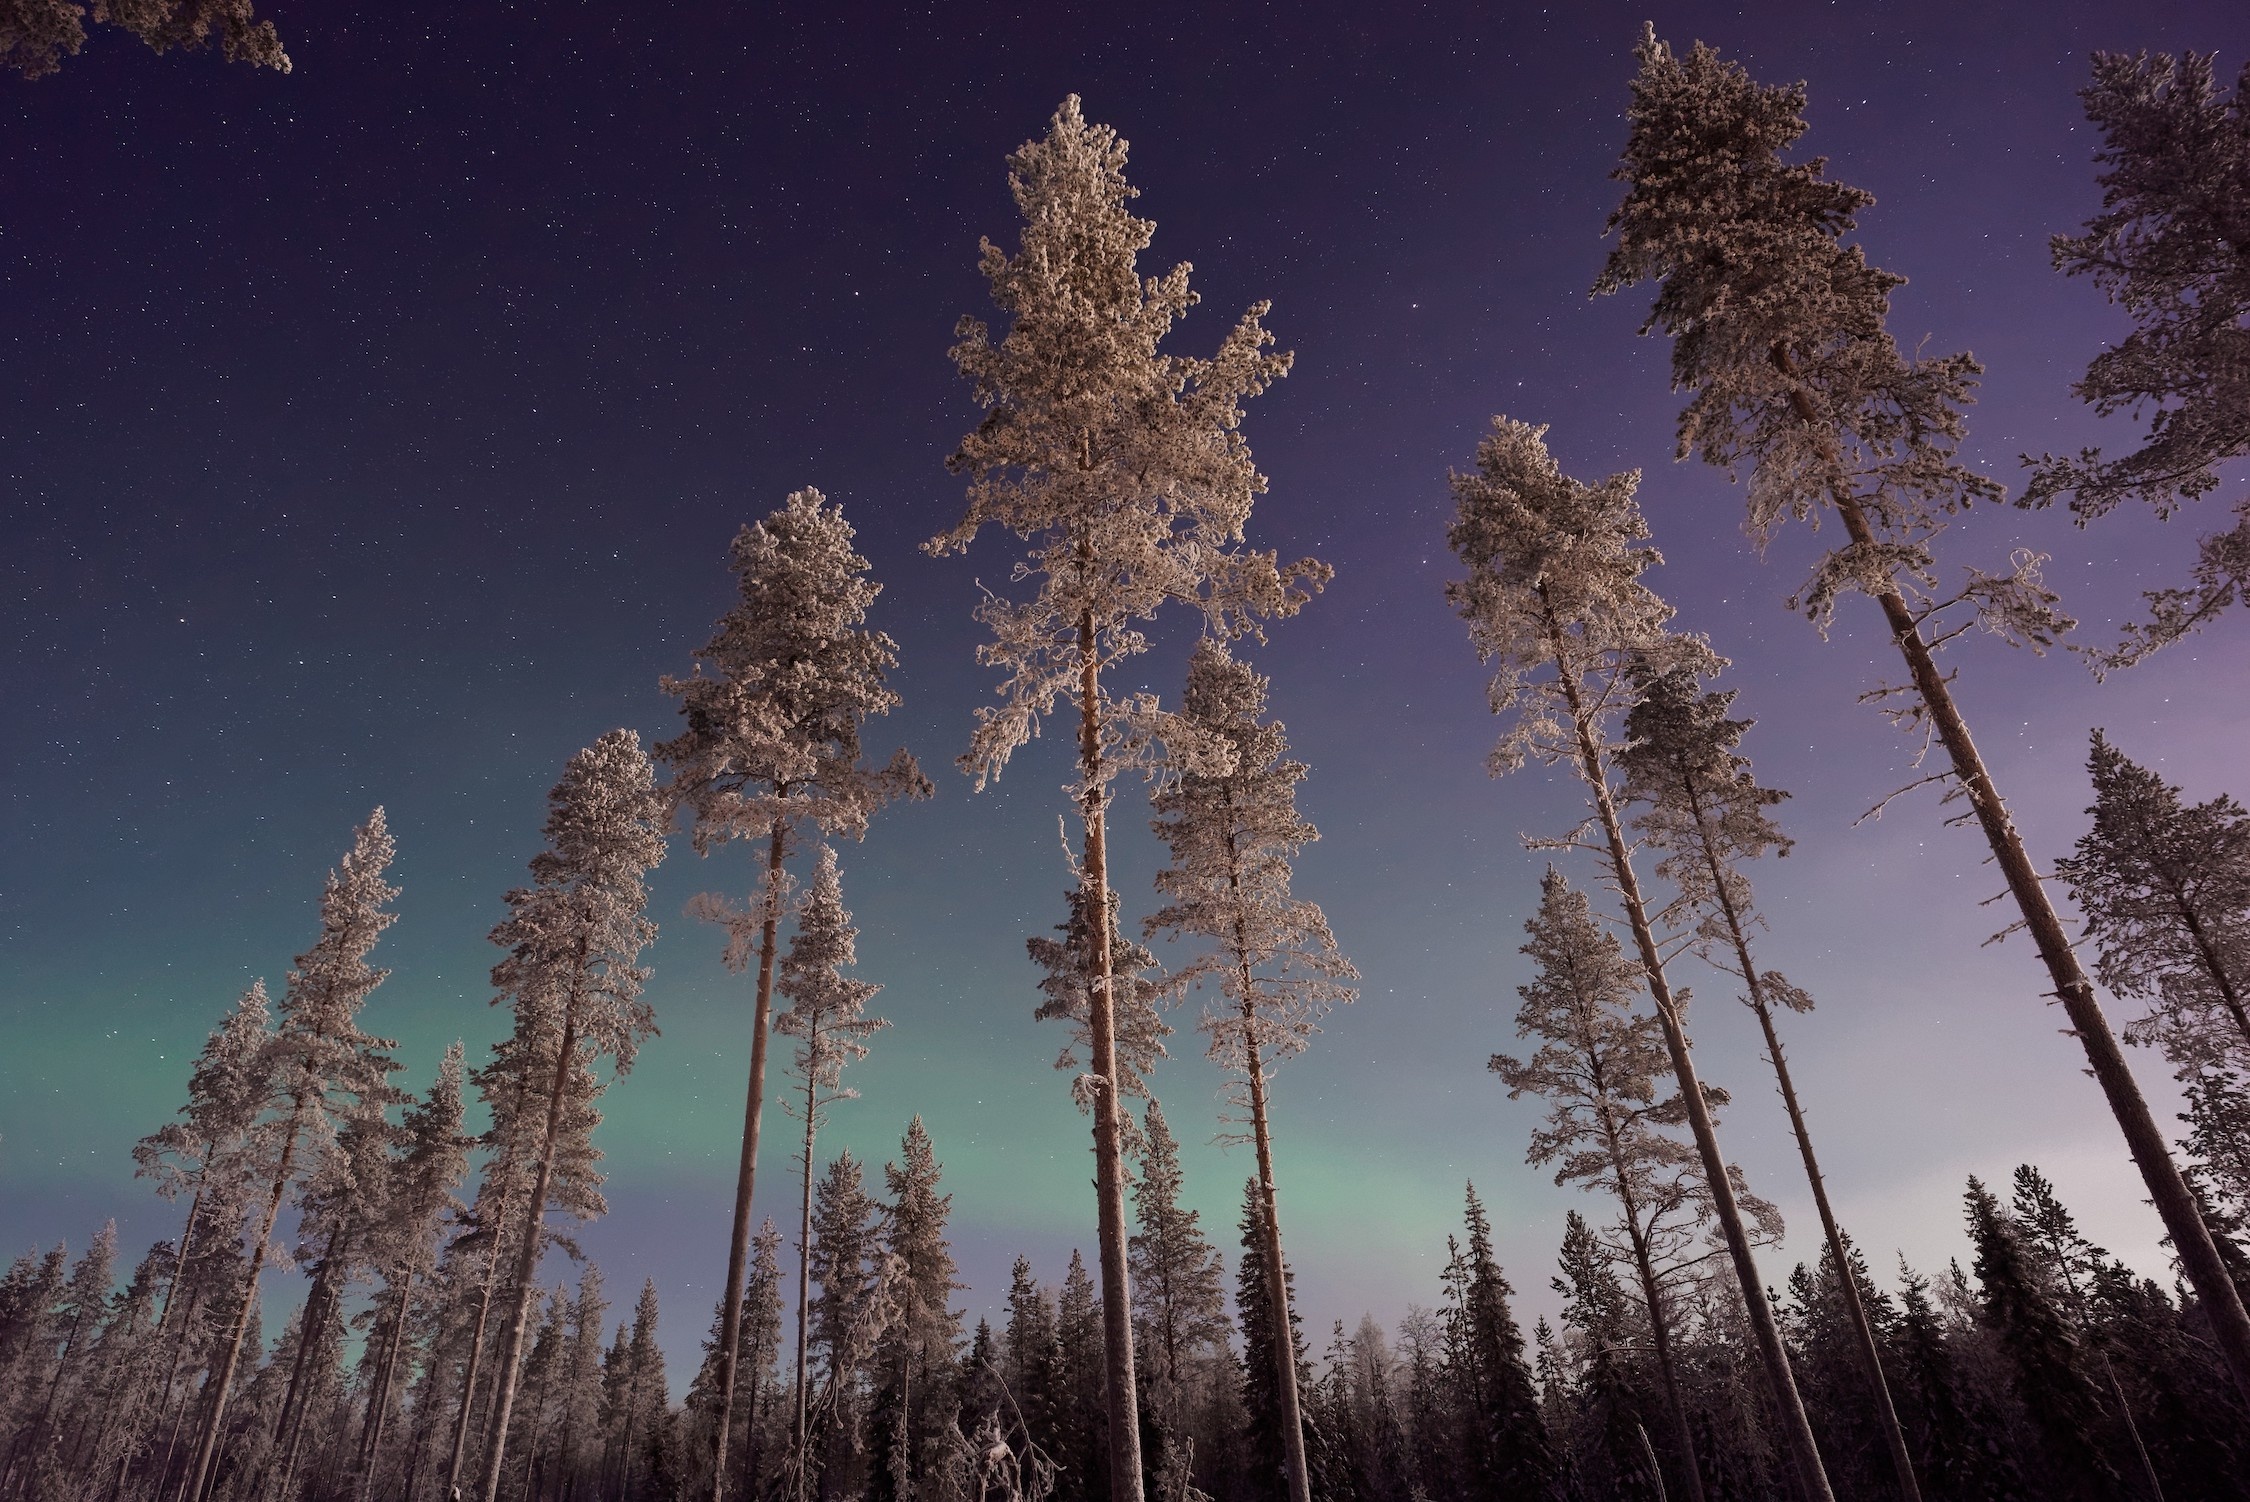 Les arbres touchent le ciel papier peint